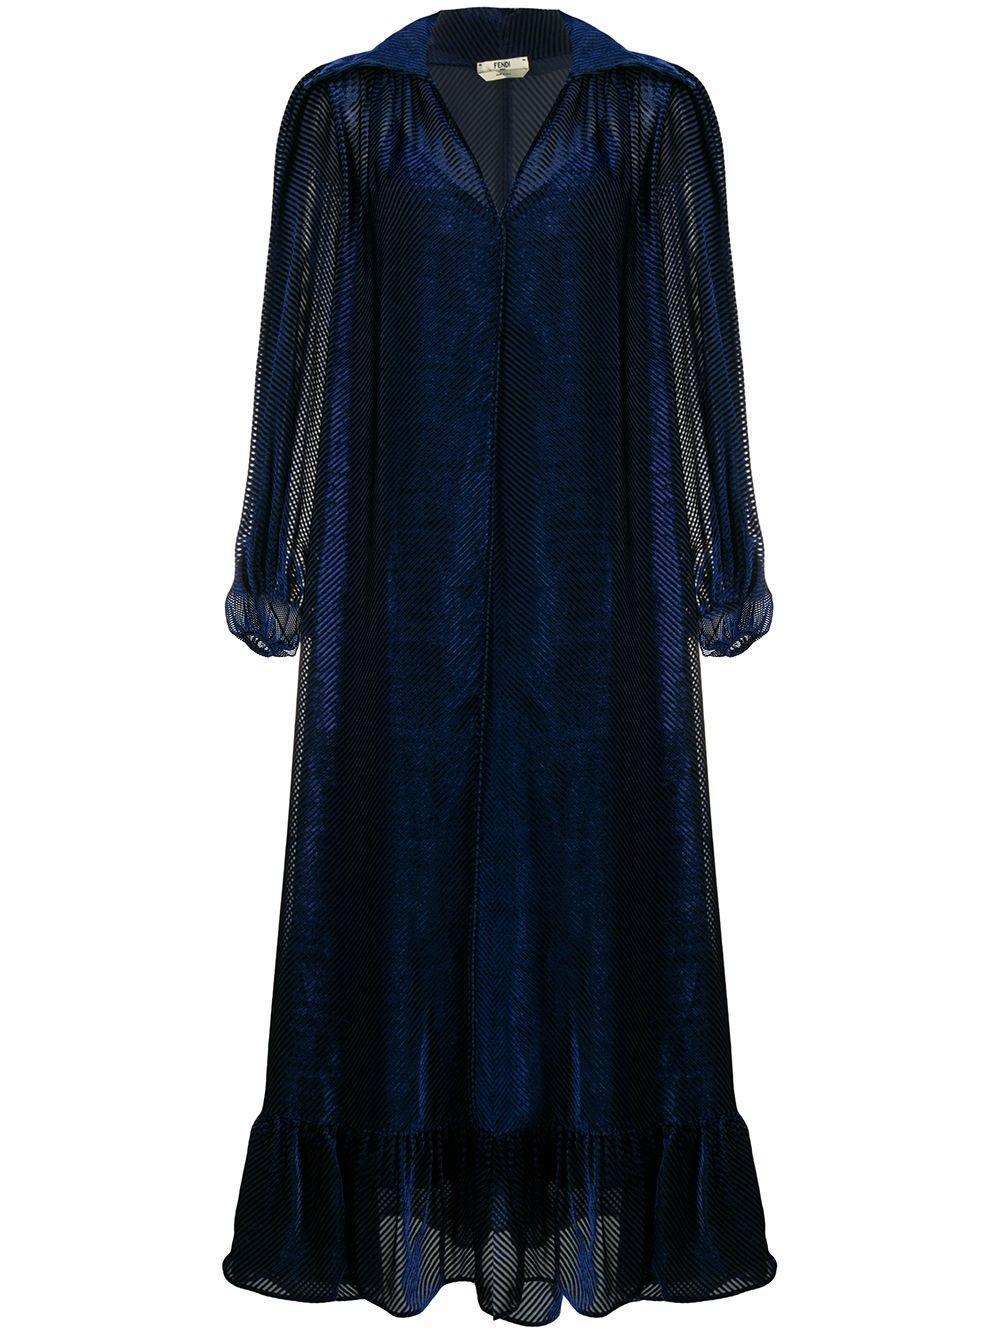 Diagonal Velvet Full Dress Item # FDA762-AC5O